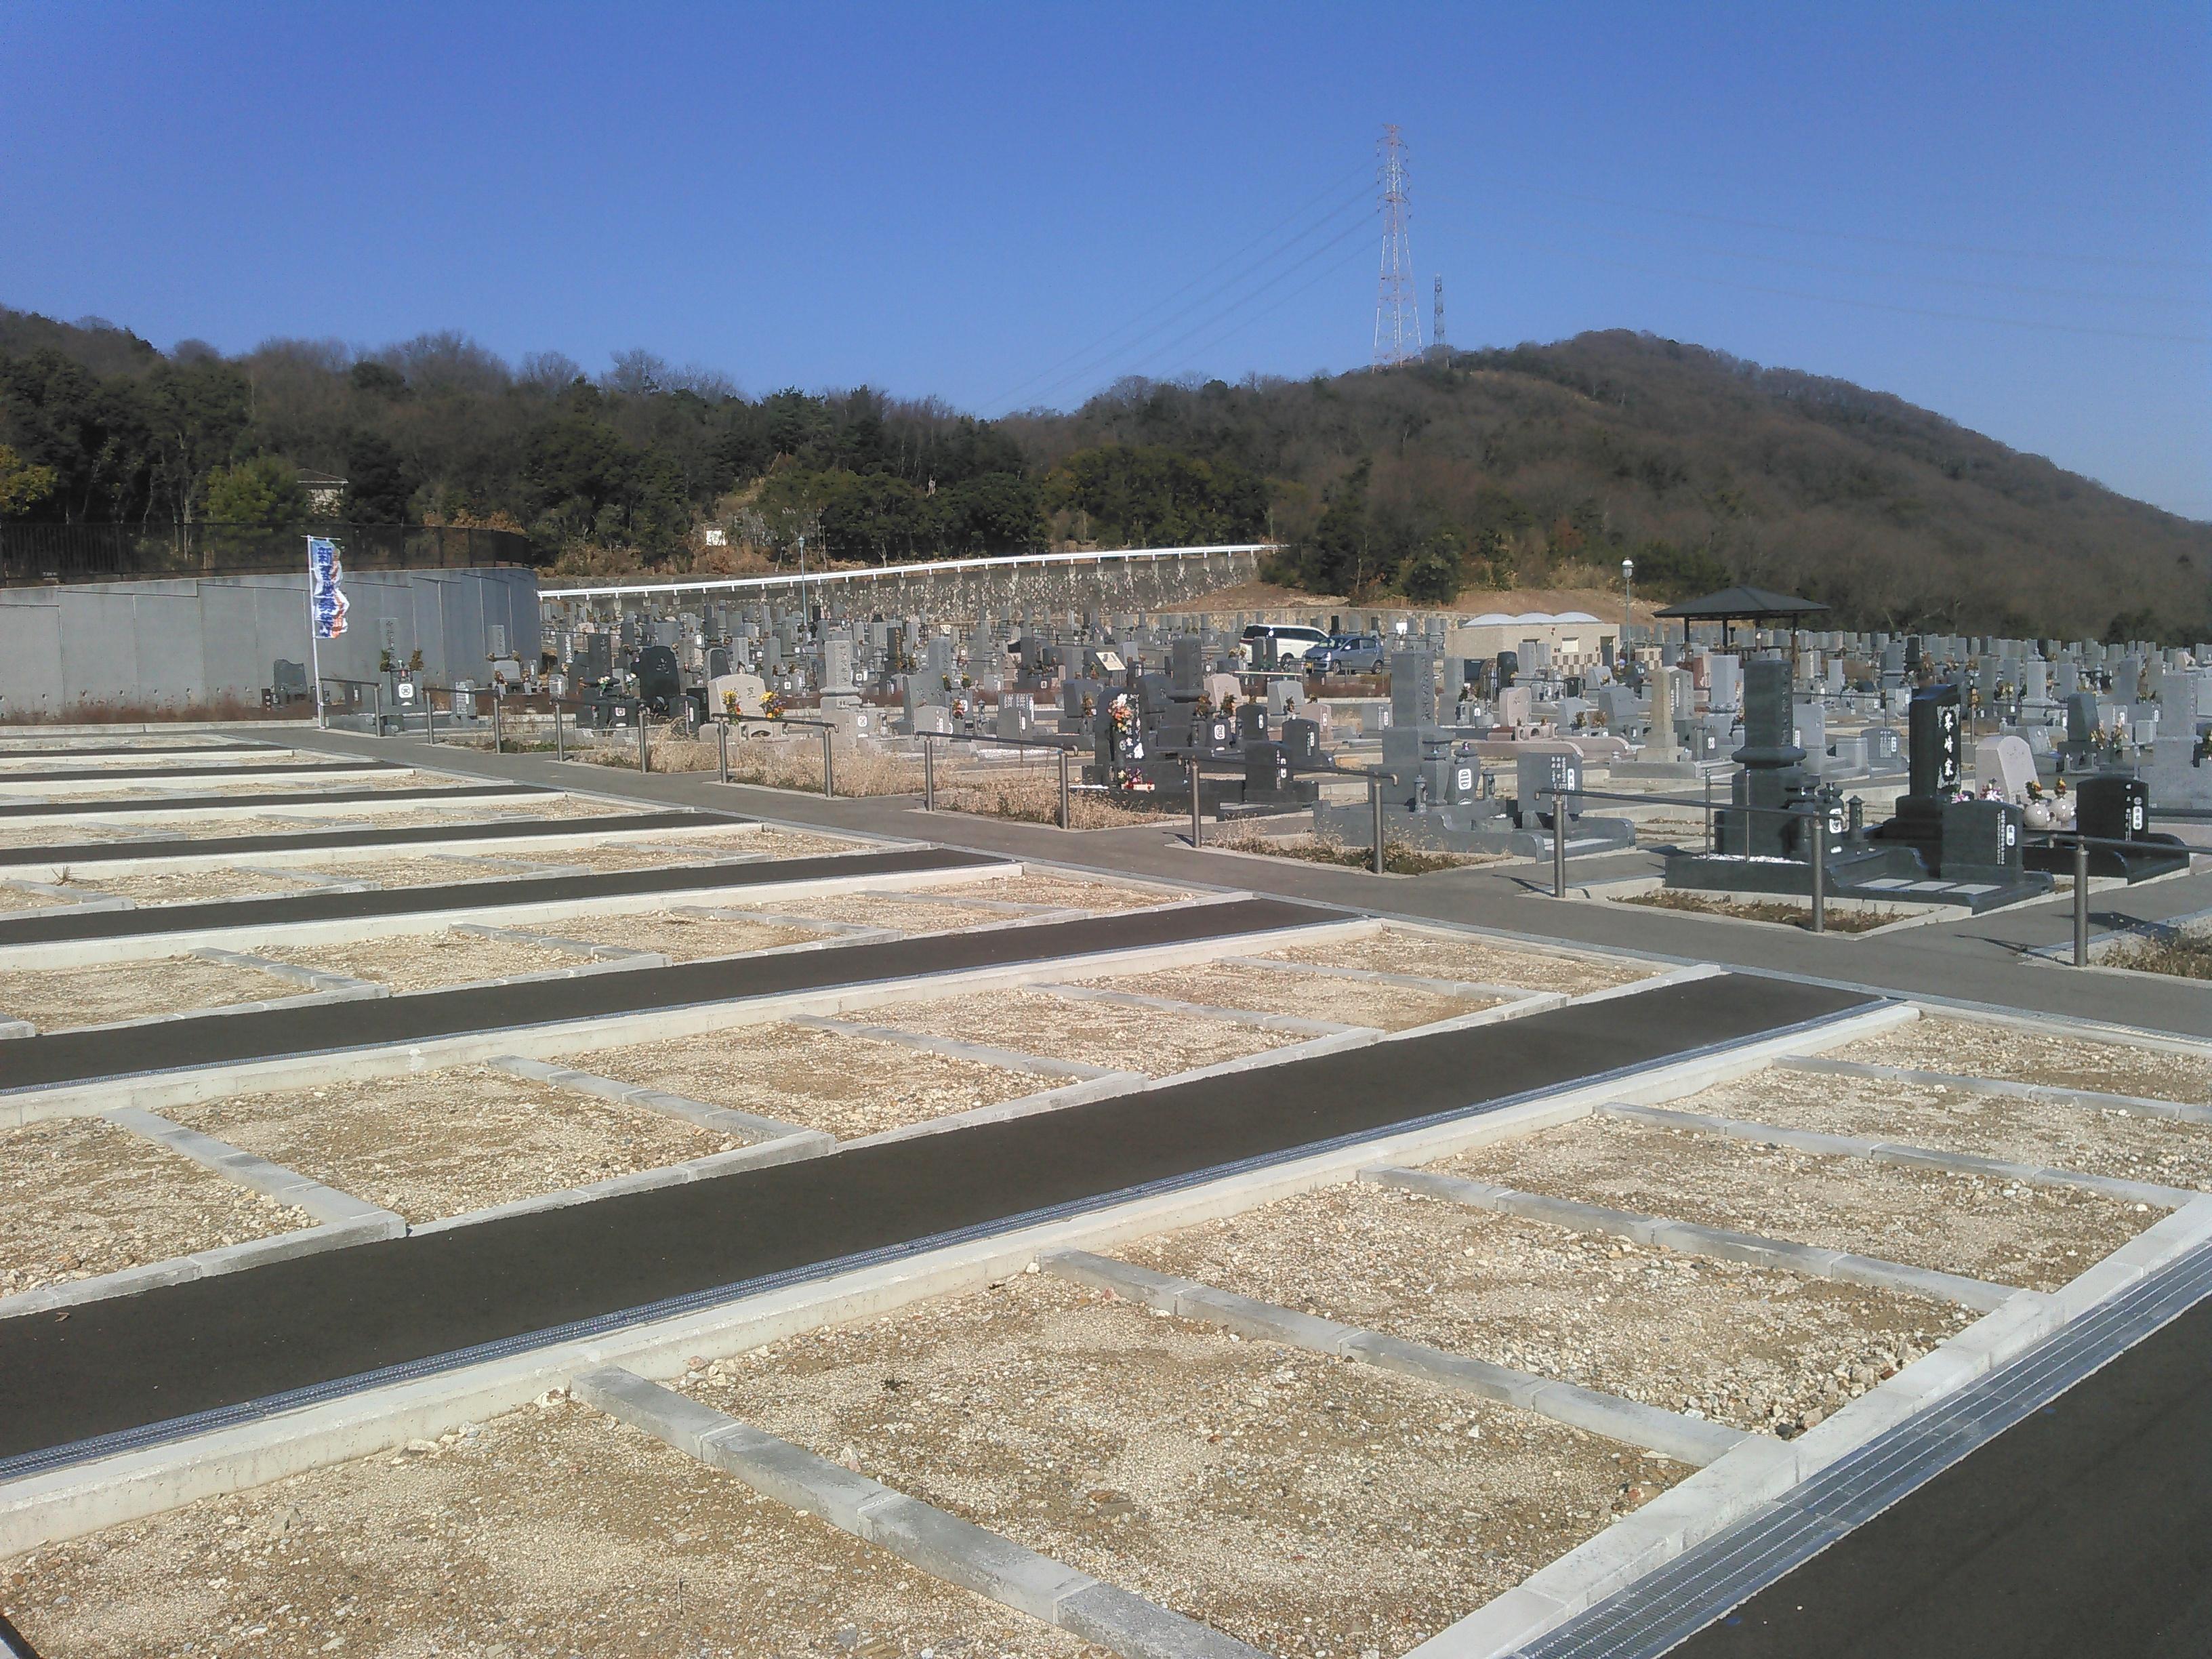 http://www.morita-stone.co.jp/weblog/img/KIMG0049.jpg